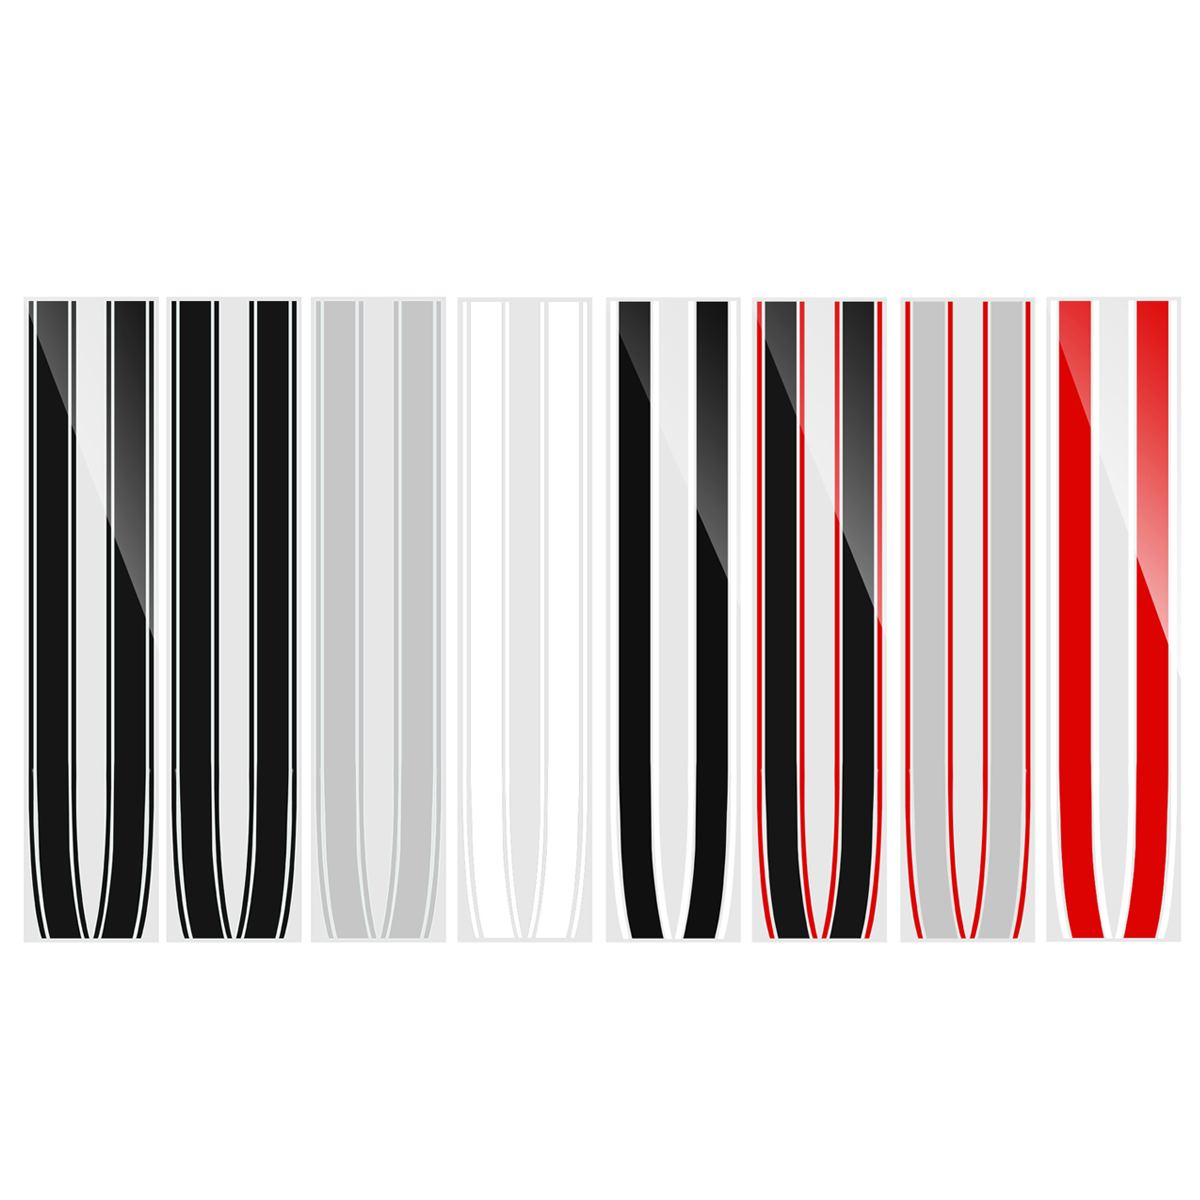 Capô do motor tronco tarja guarnição adesivo linha para mini cooper bonnet listras r50 r52 r53 r55 r56 r57 para mini cooper s